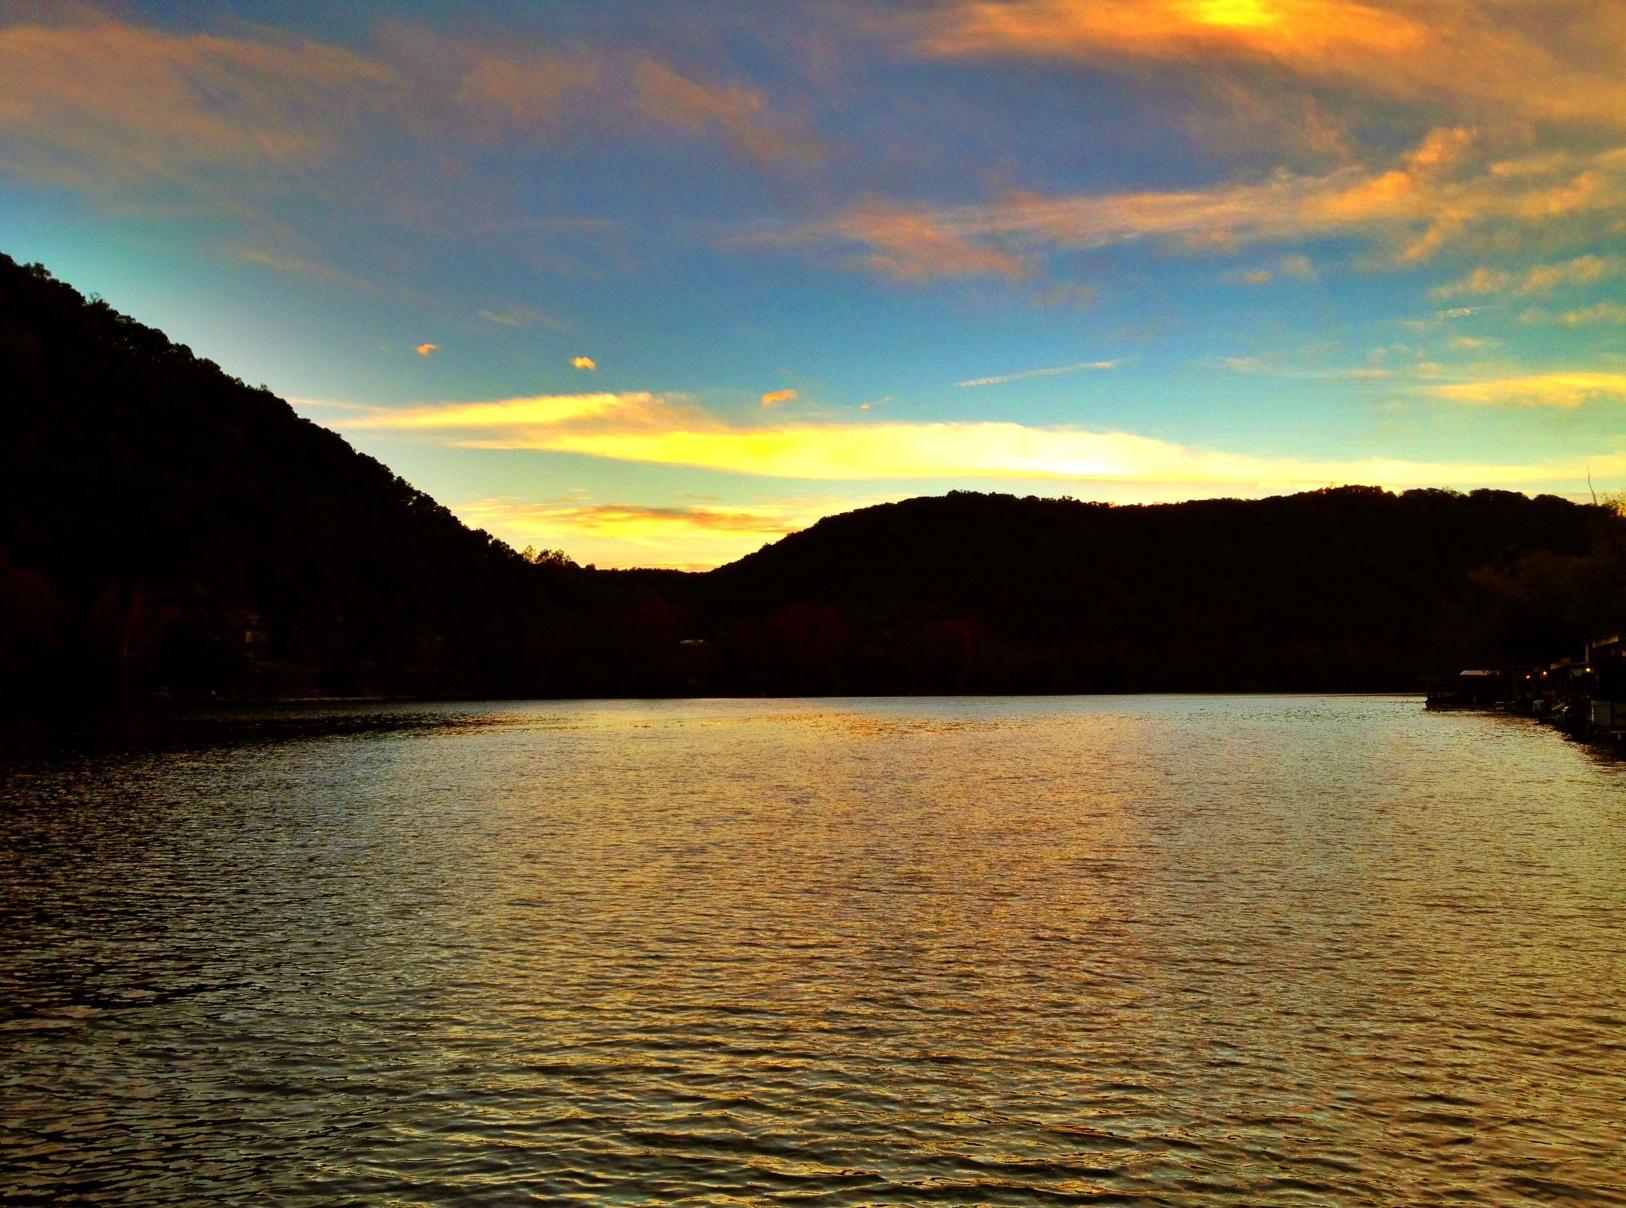 iPhone-lake-austin-sunset2.JPG